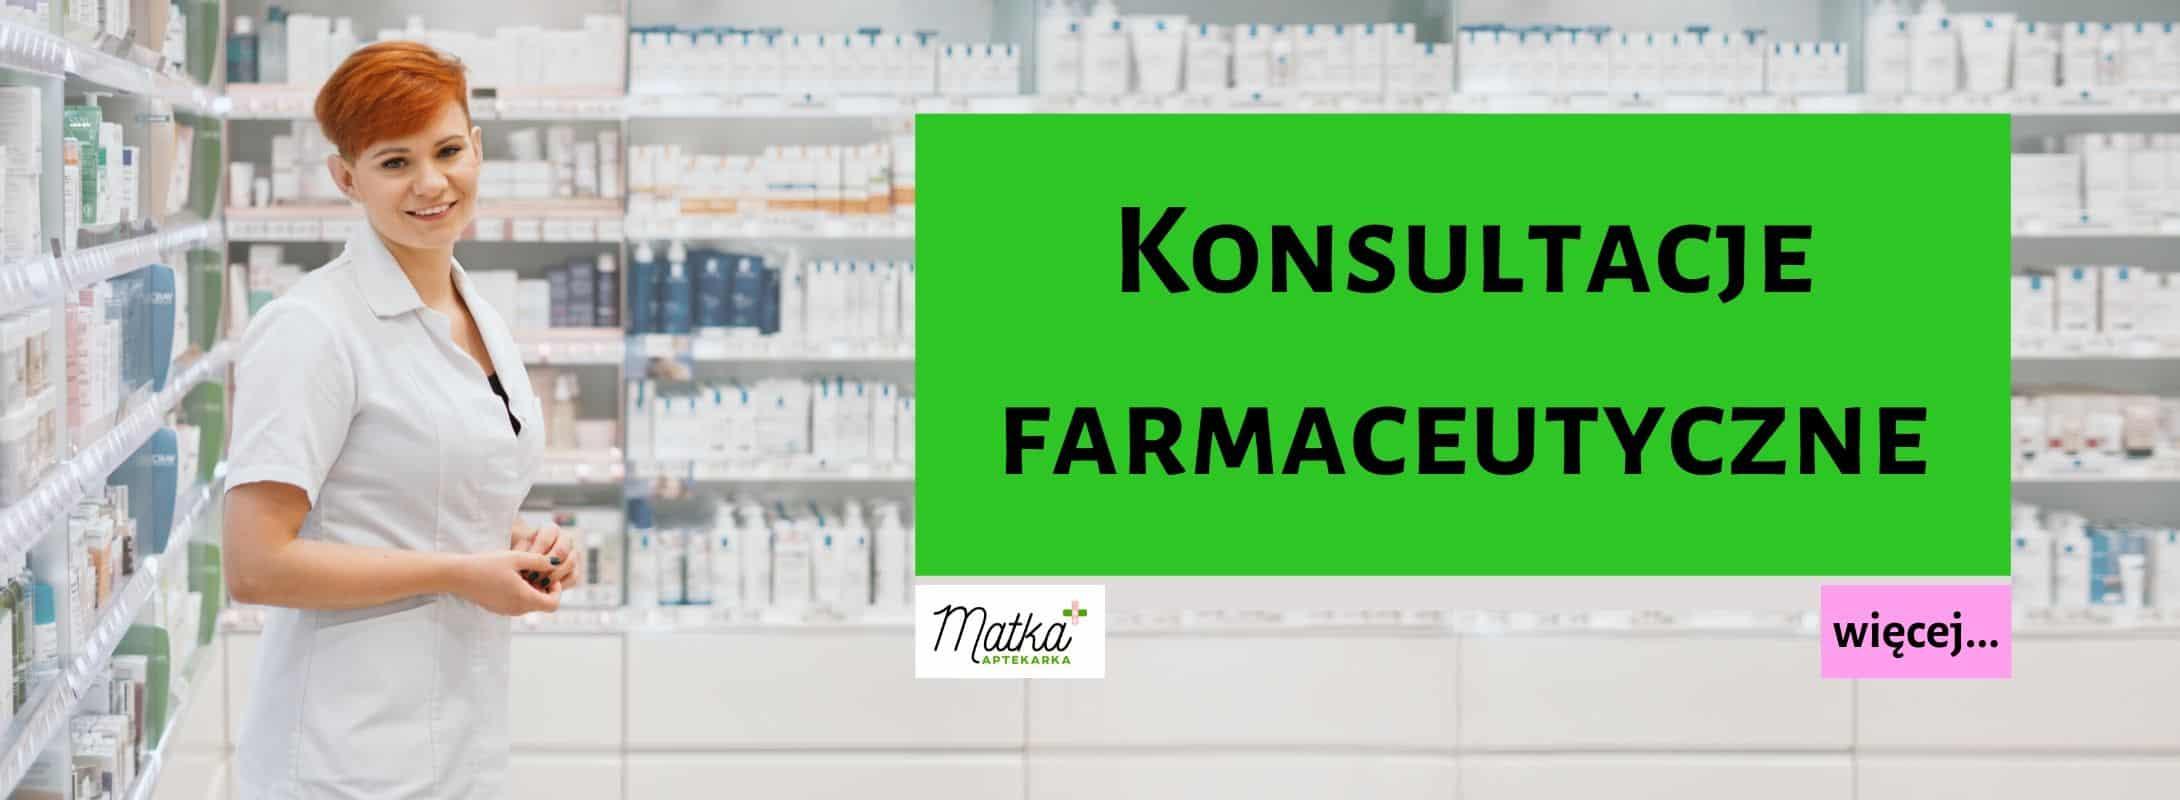 Konsultacje farmaceutyczne Matka Aptekarka